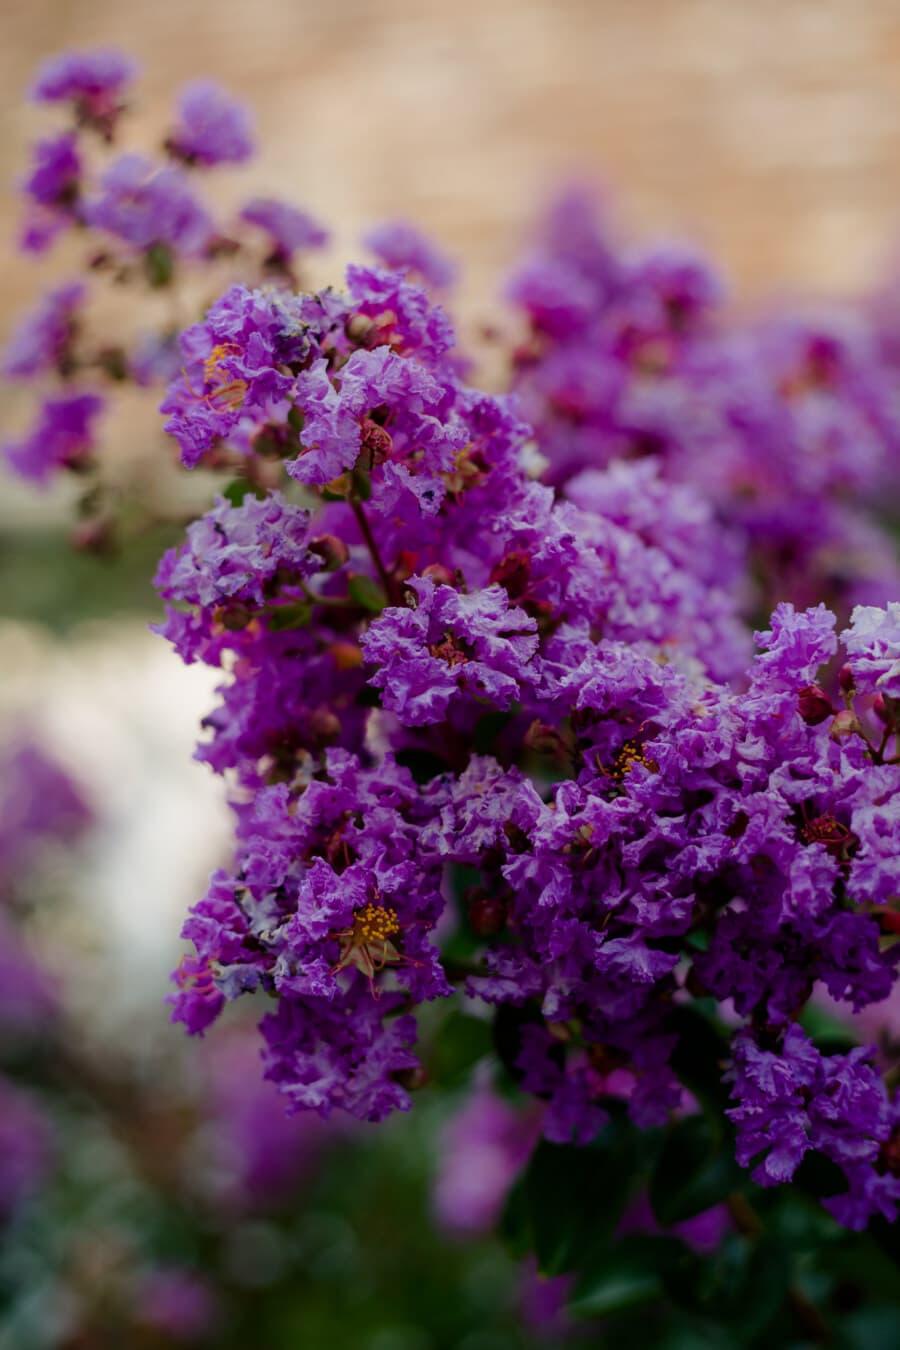 Blumen, Geäst, lila, Flora, Anlage, Garten, Blume, Sommer, Strauch, Natur